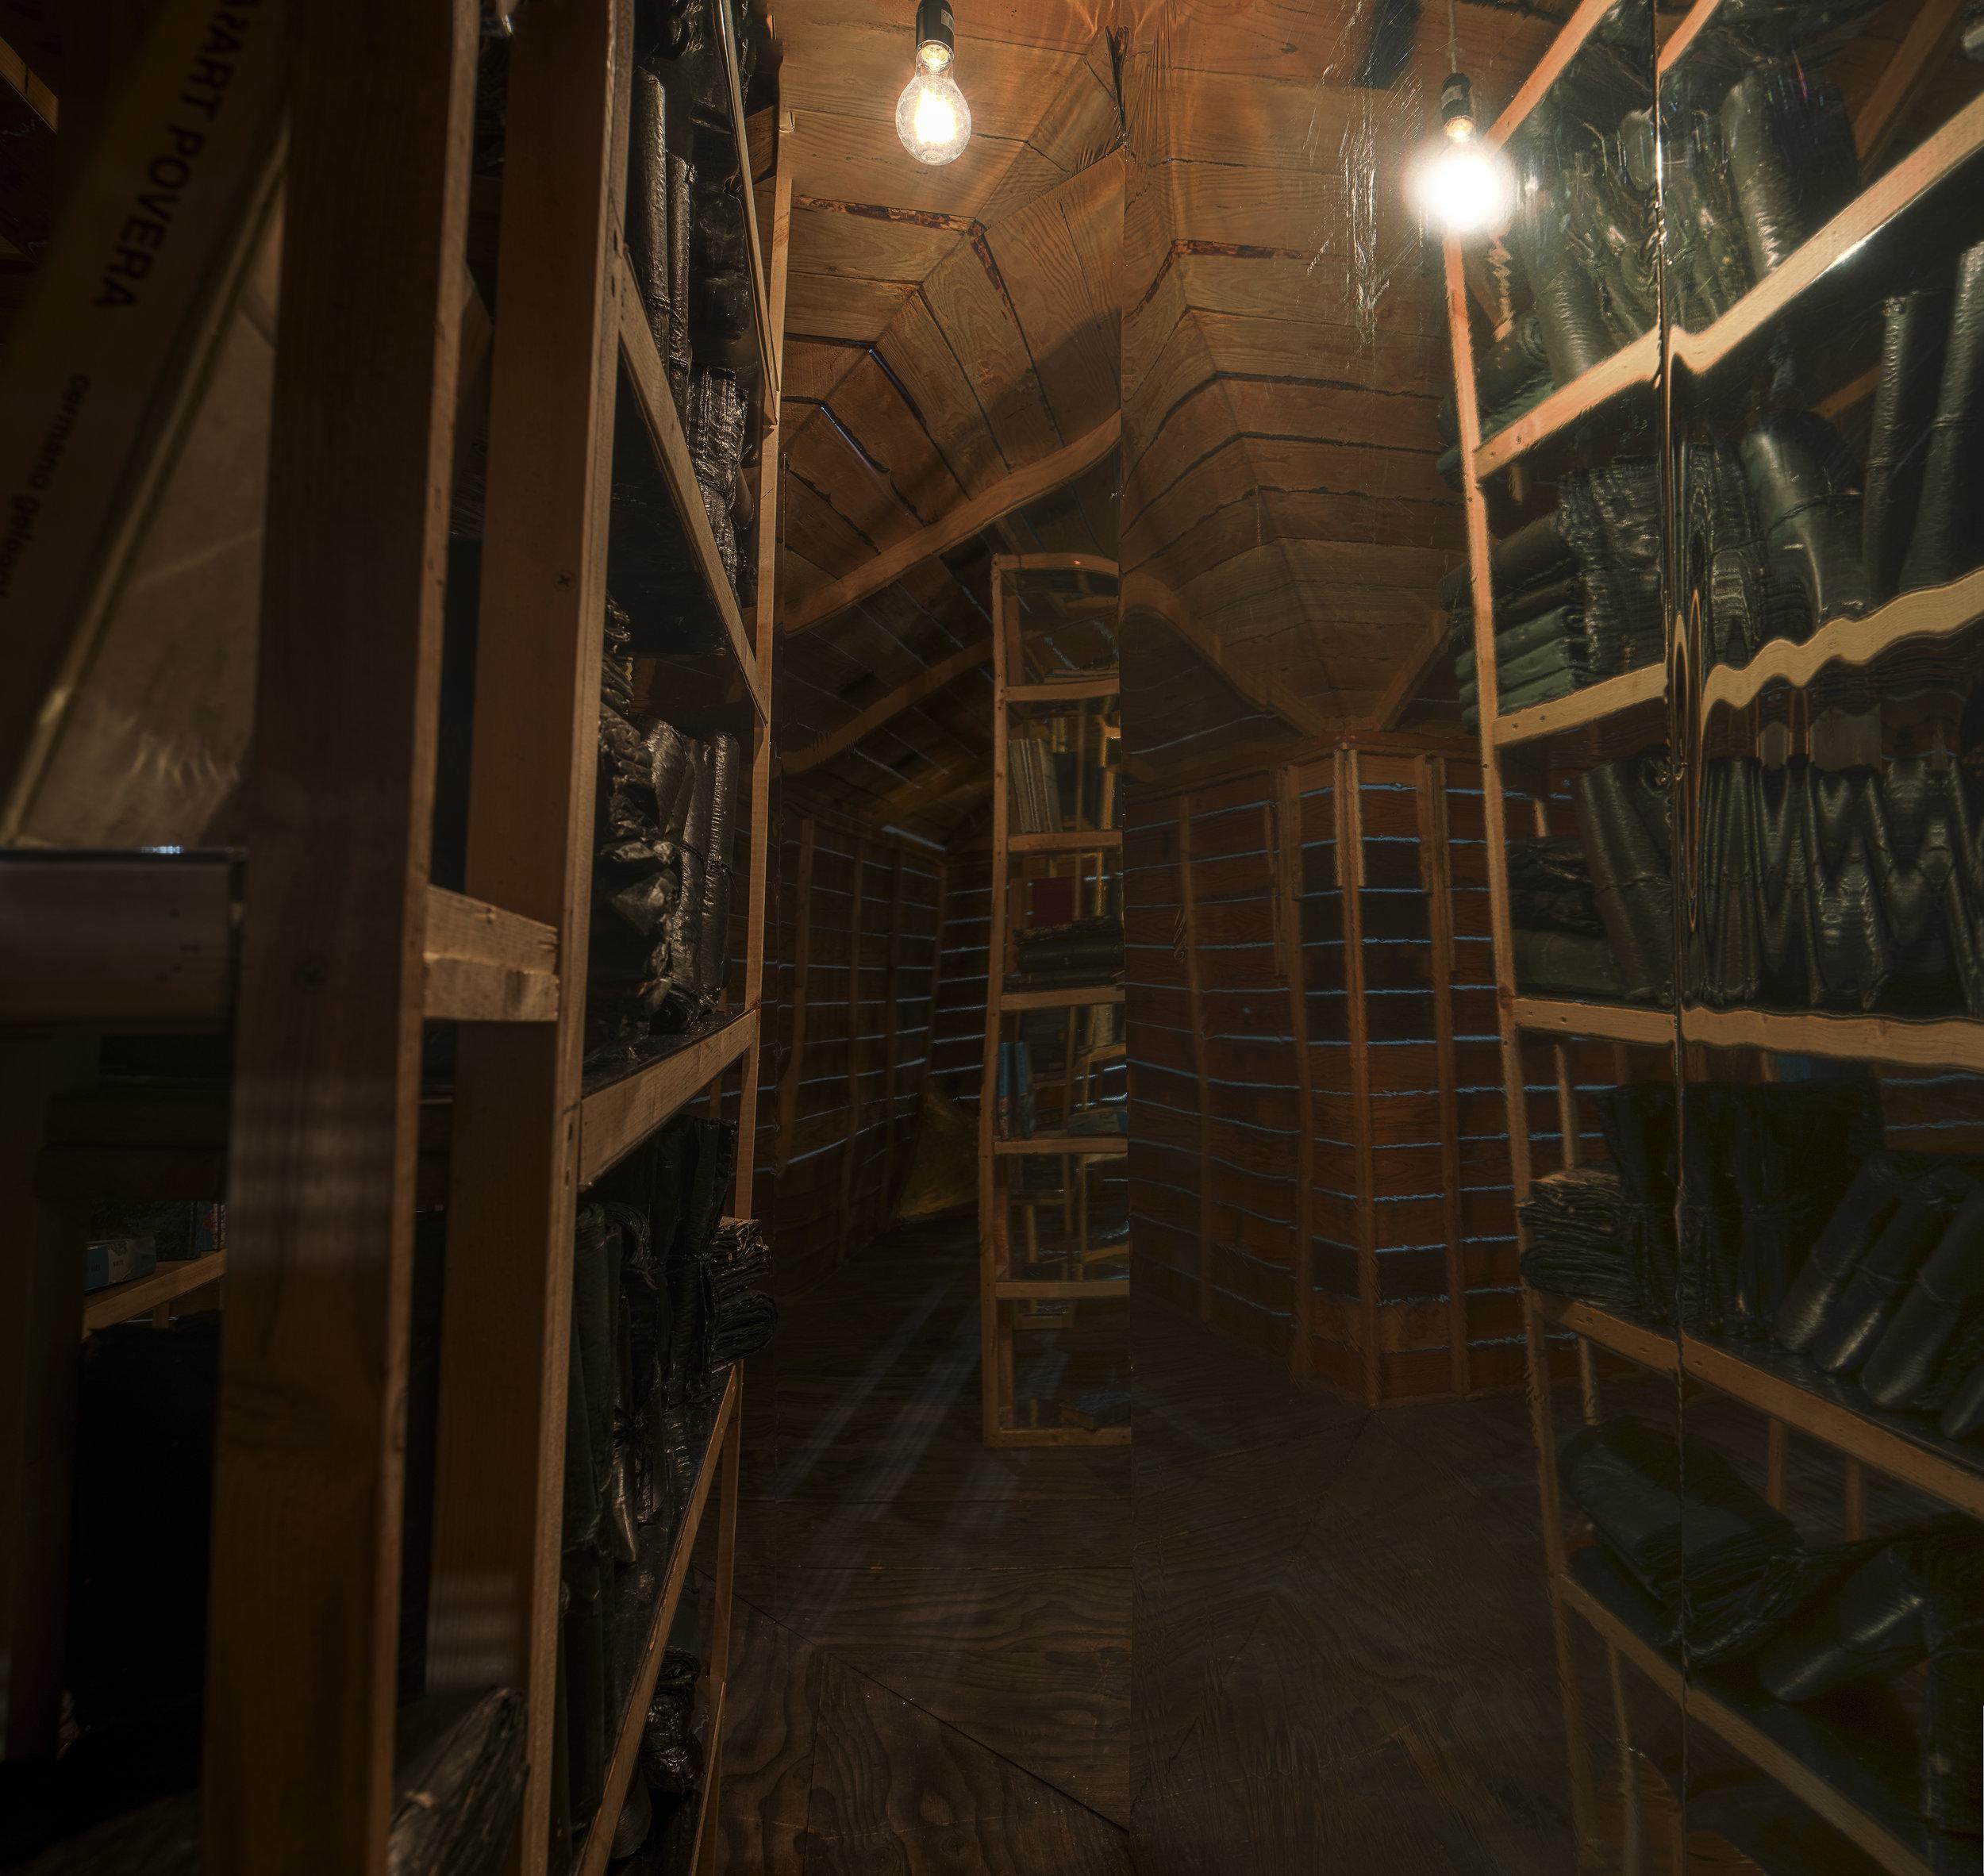 hut_interior.jpg